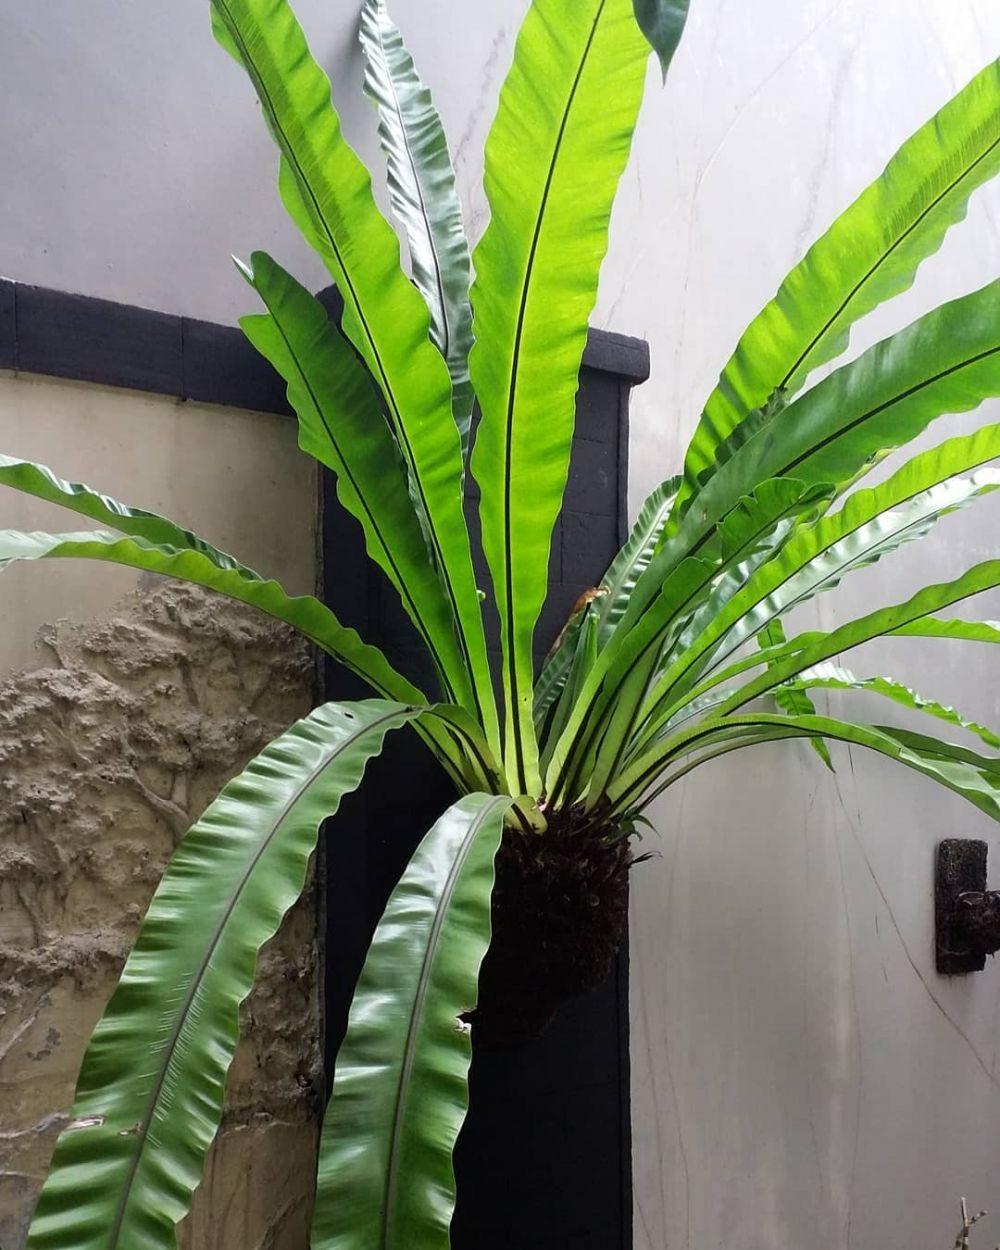 tanaman gantung indoor © Instagram